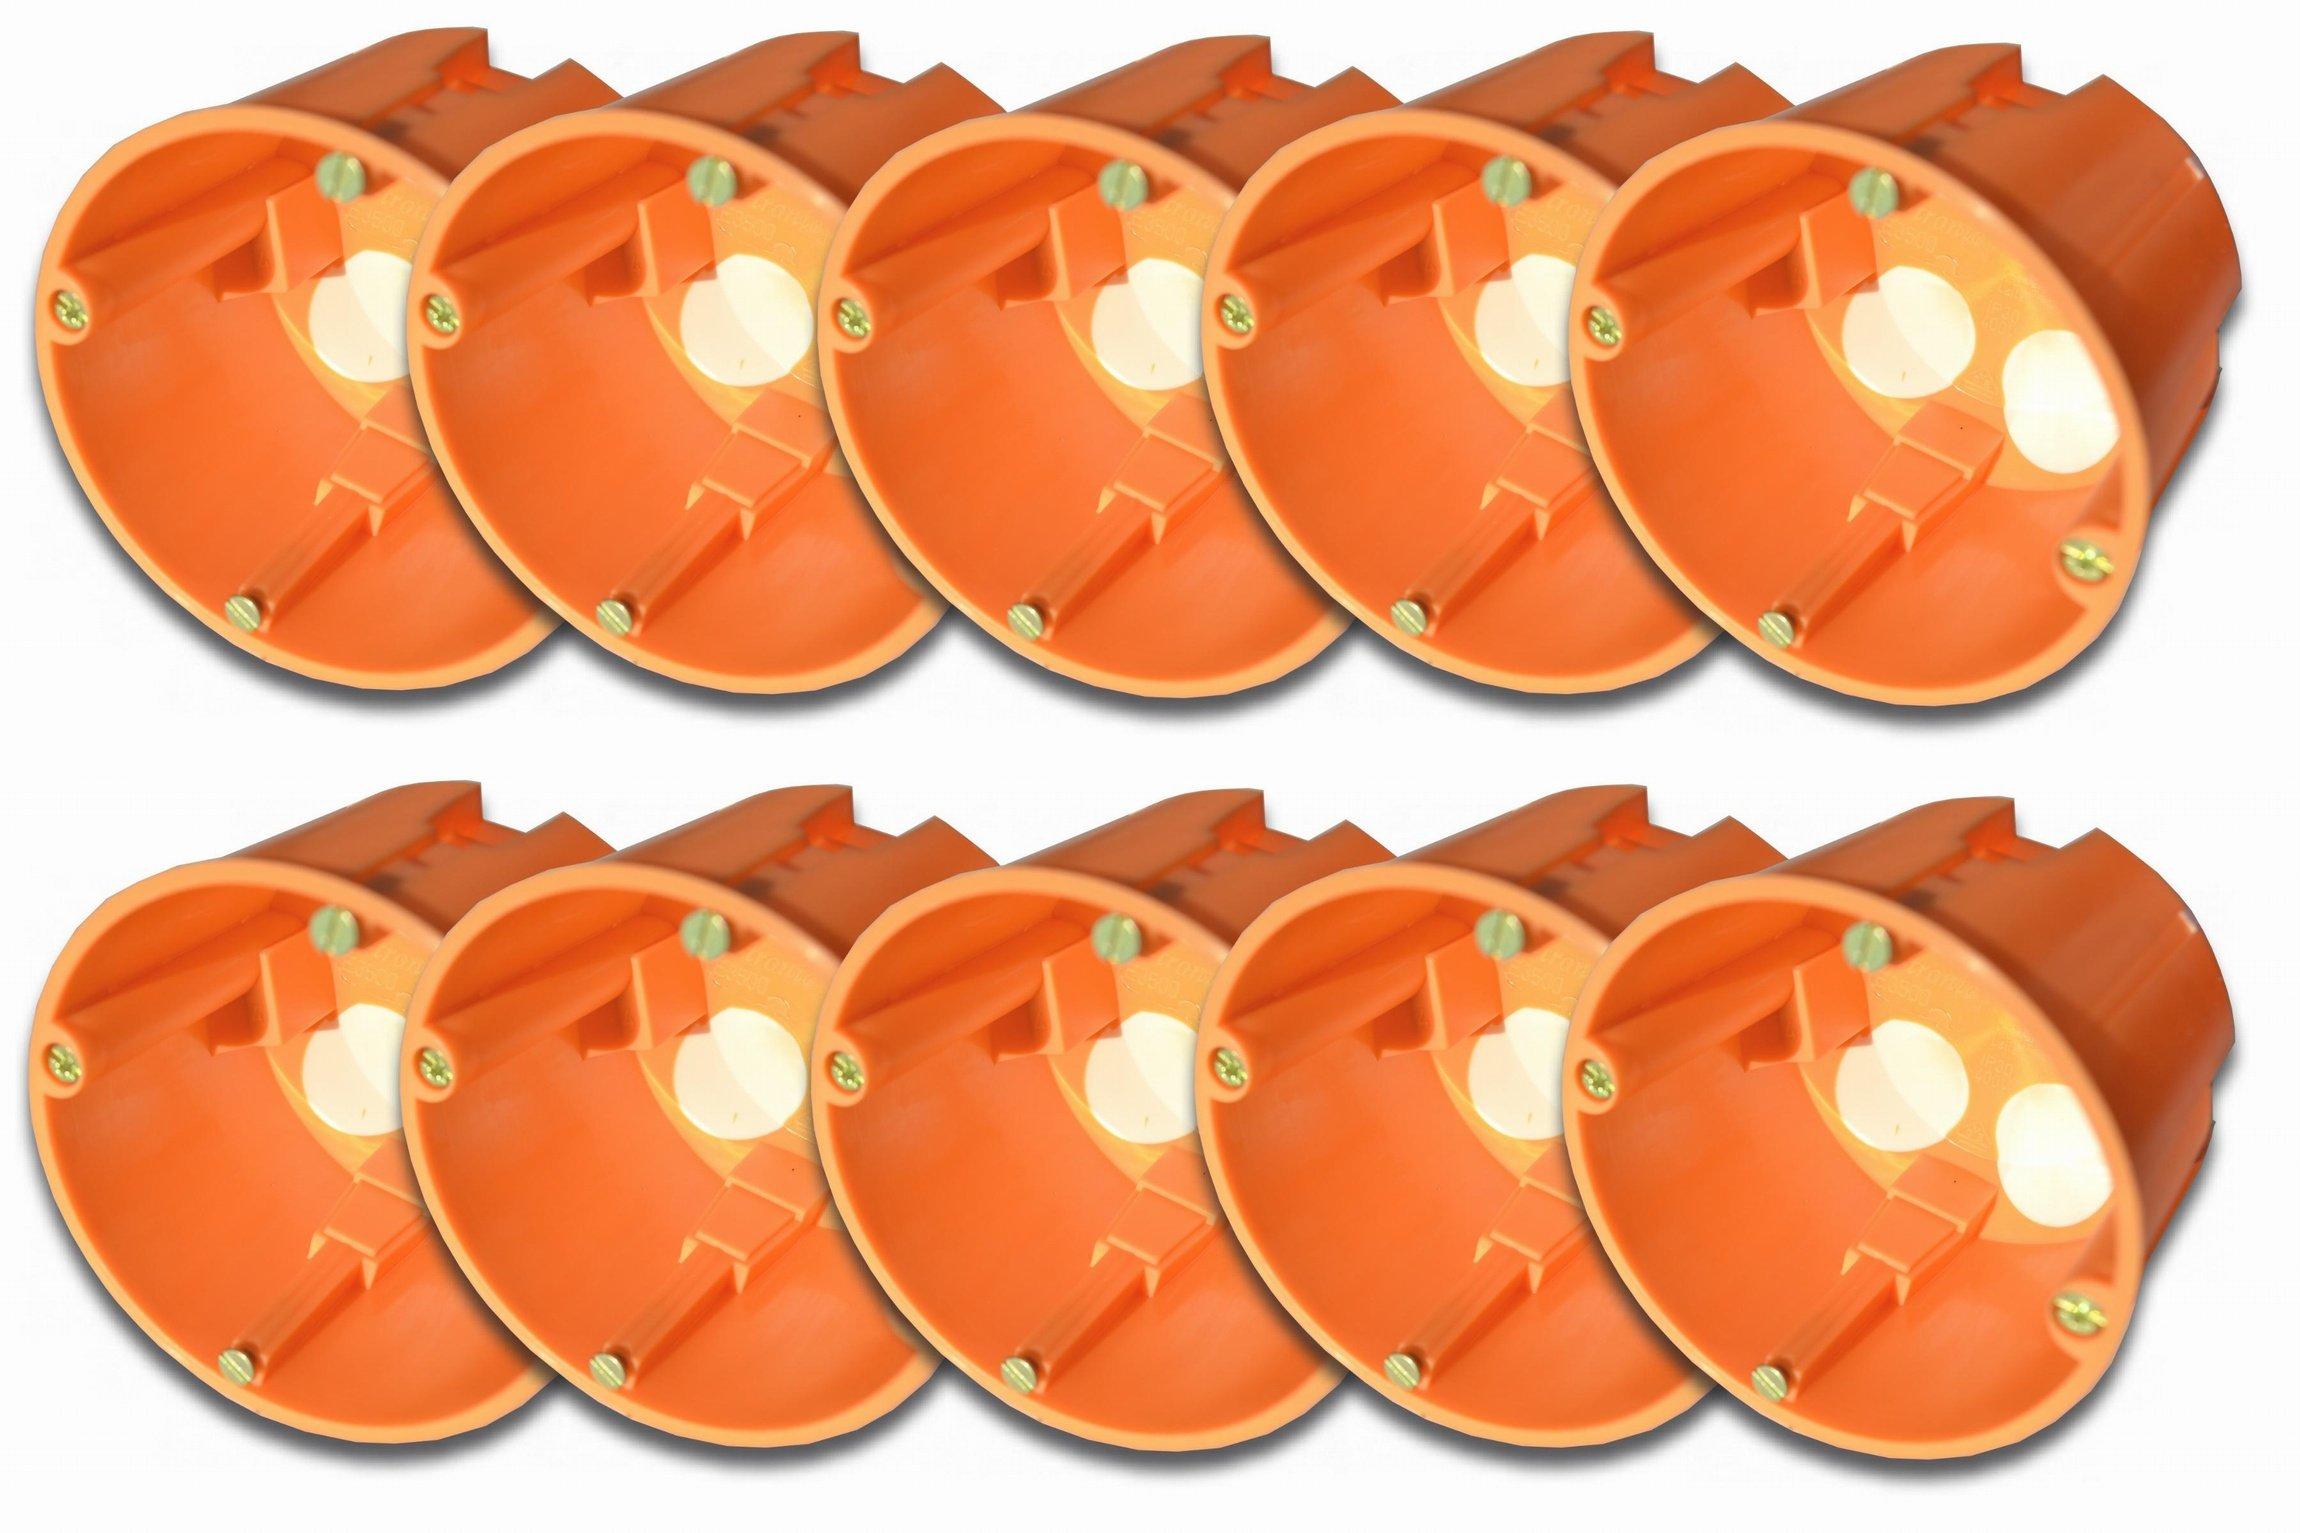 10 pcs insulsa assicuravano dose/dispositivi scatola anti-vento IP30 diametro: 68 mm, 61 mm di prof